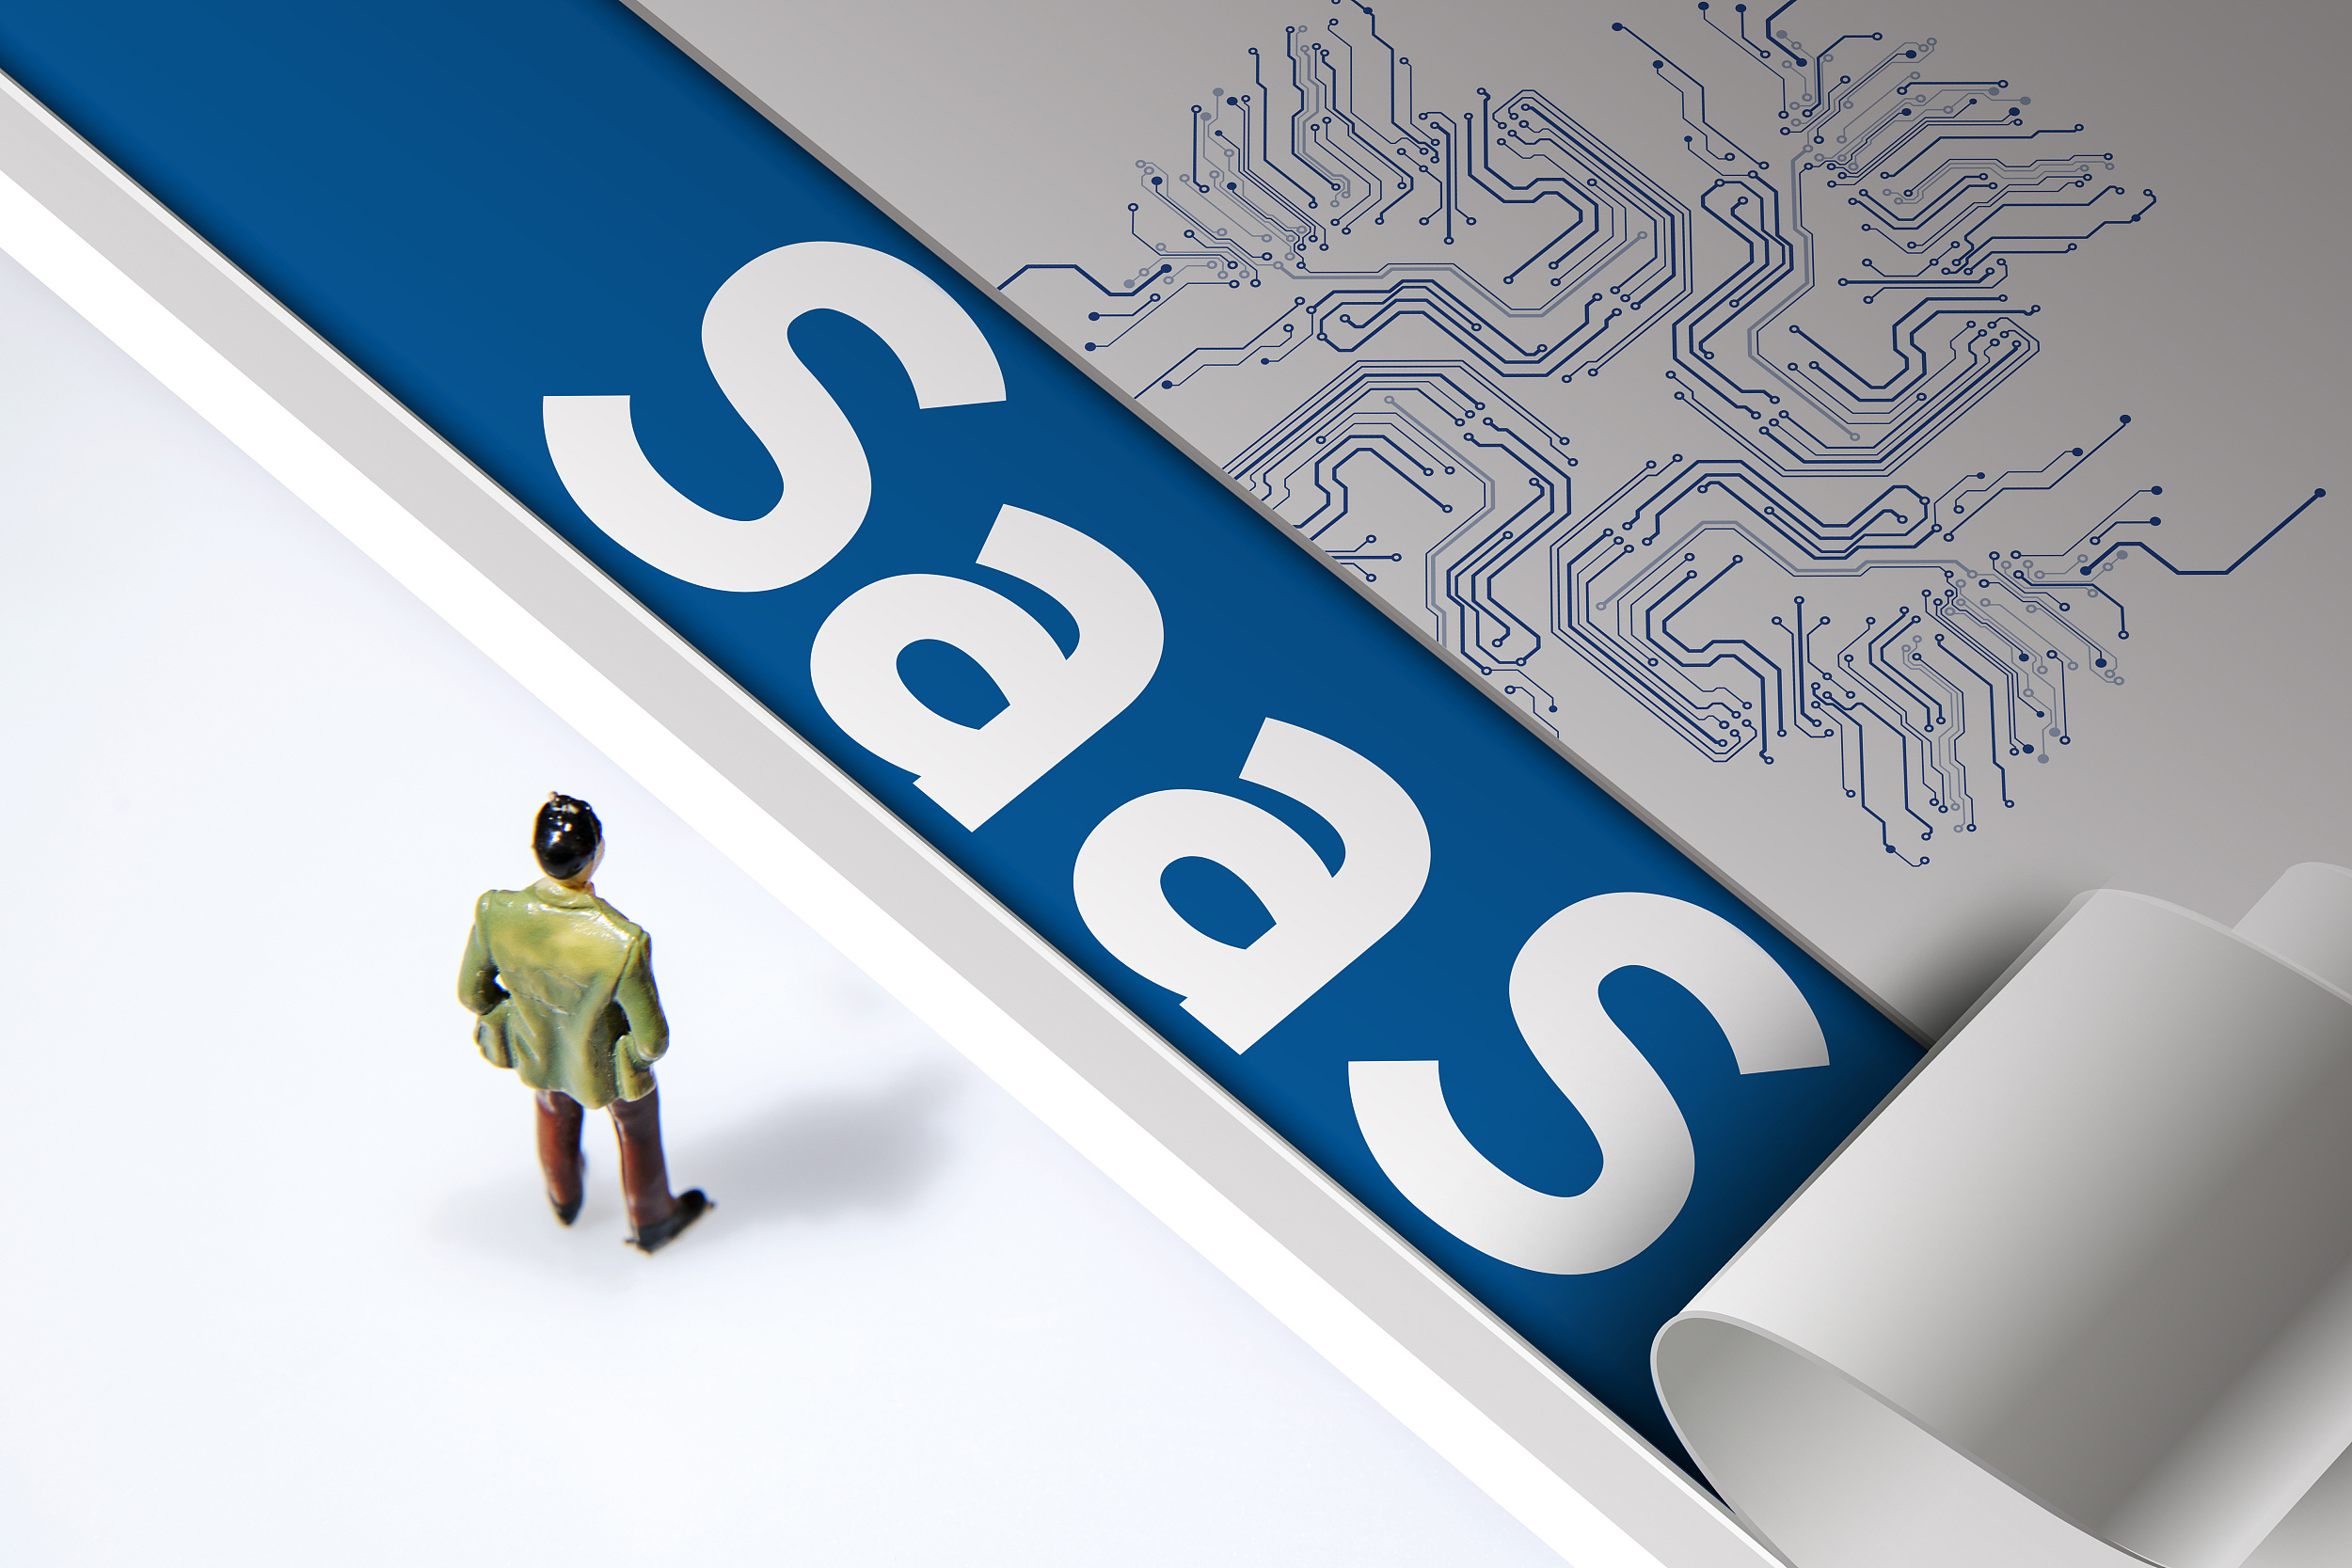 戴珂:从服务的角度看SaaS,我们能看到什么?